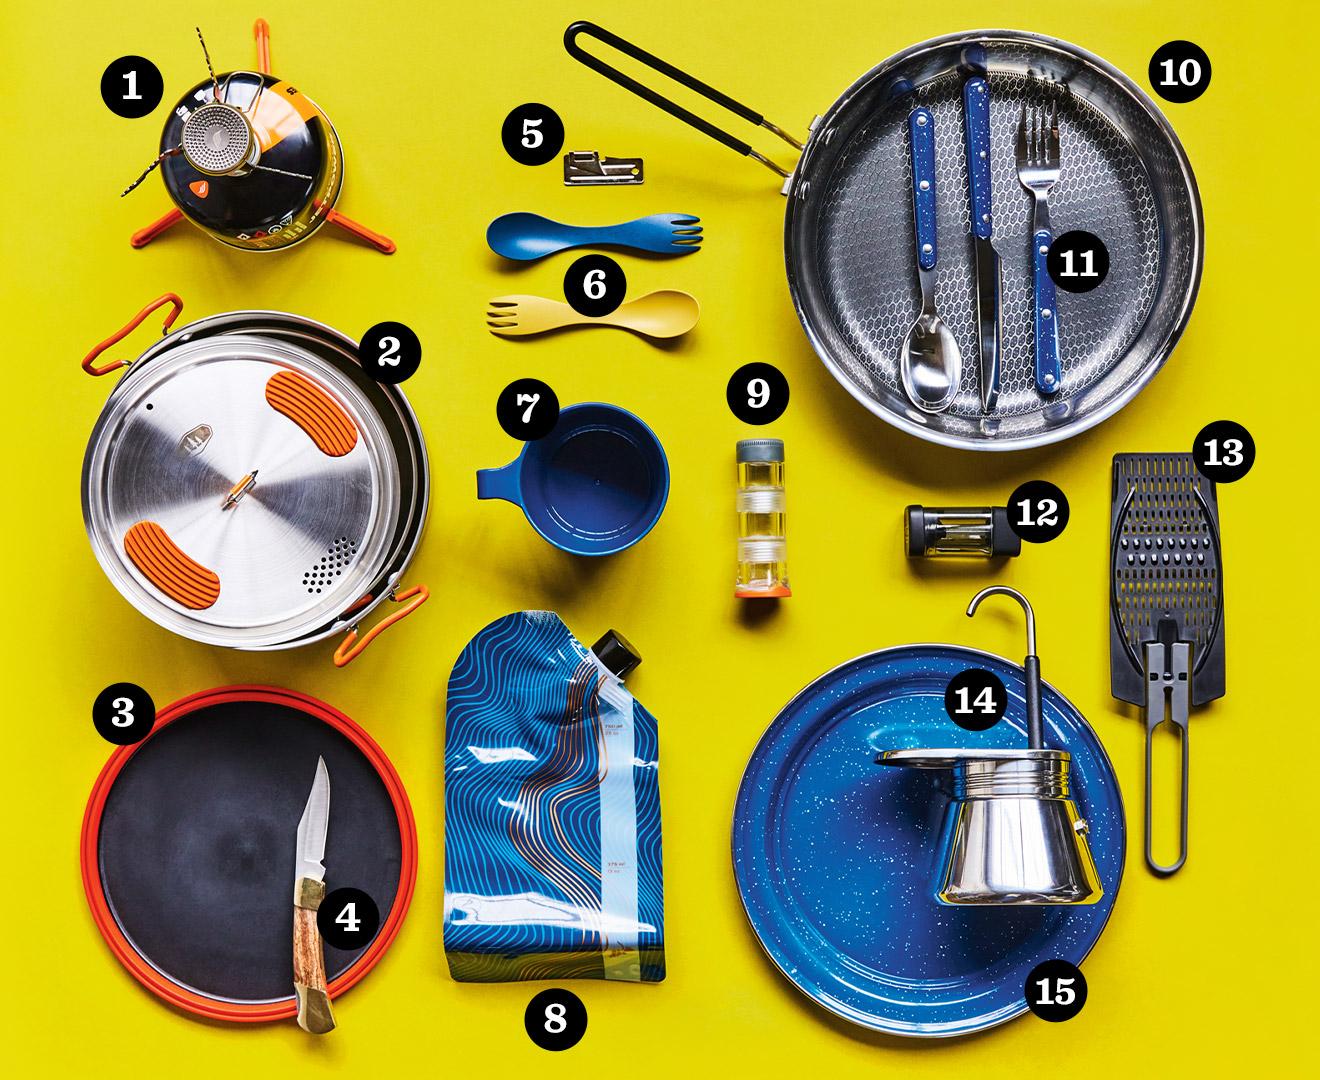 équipement pour cuisine en camping